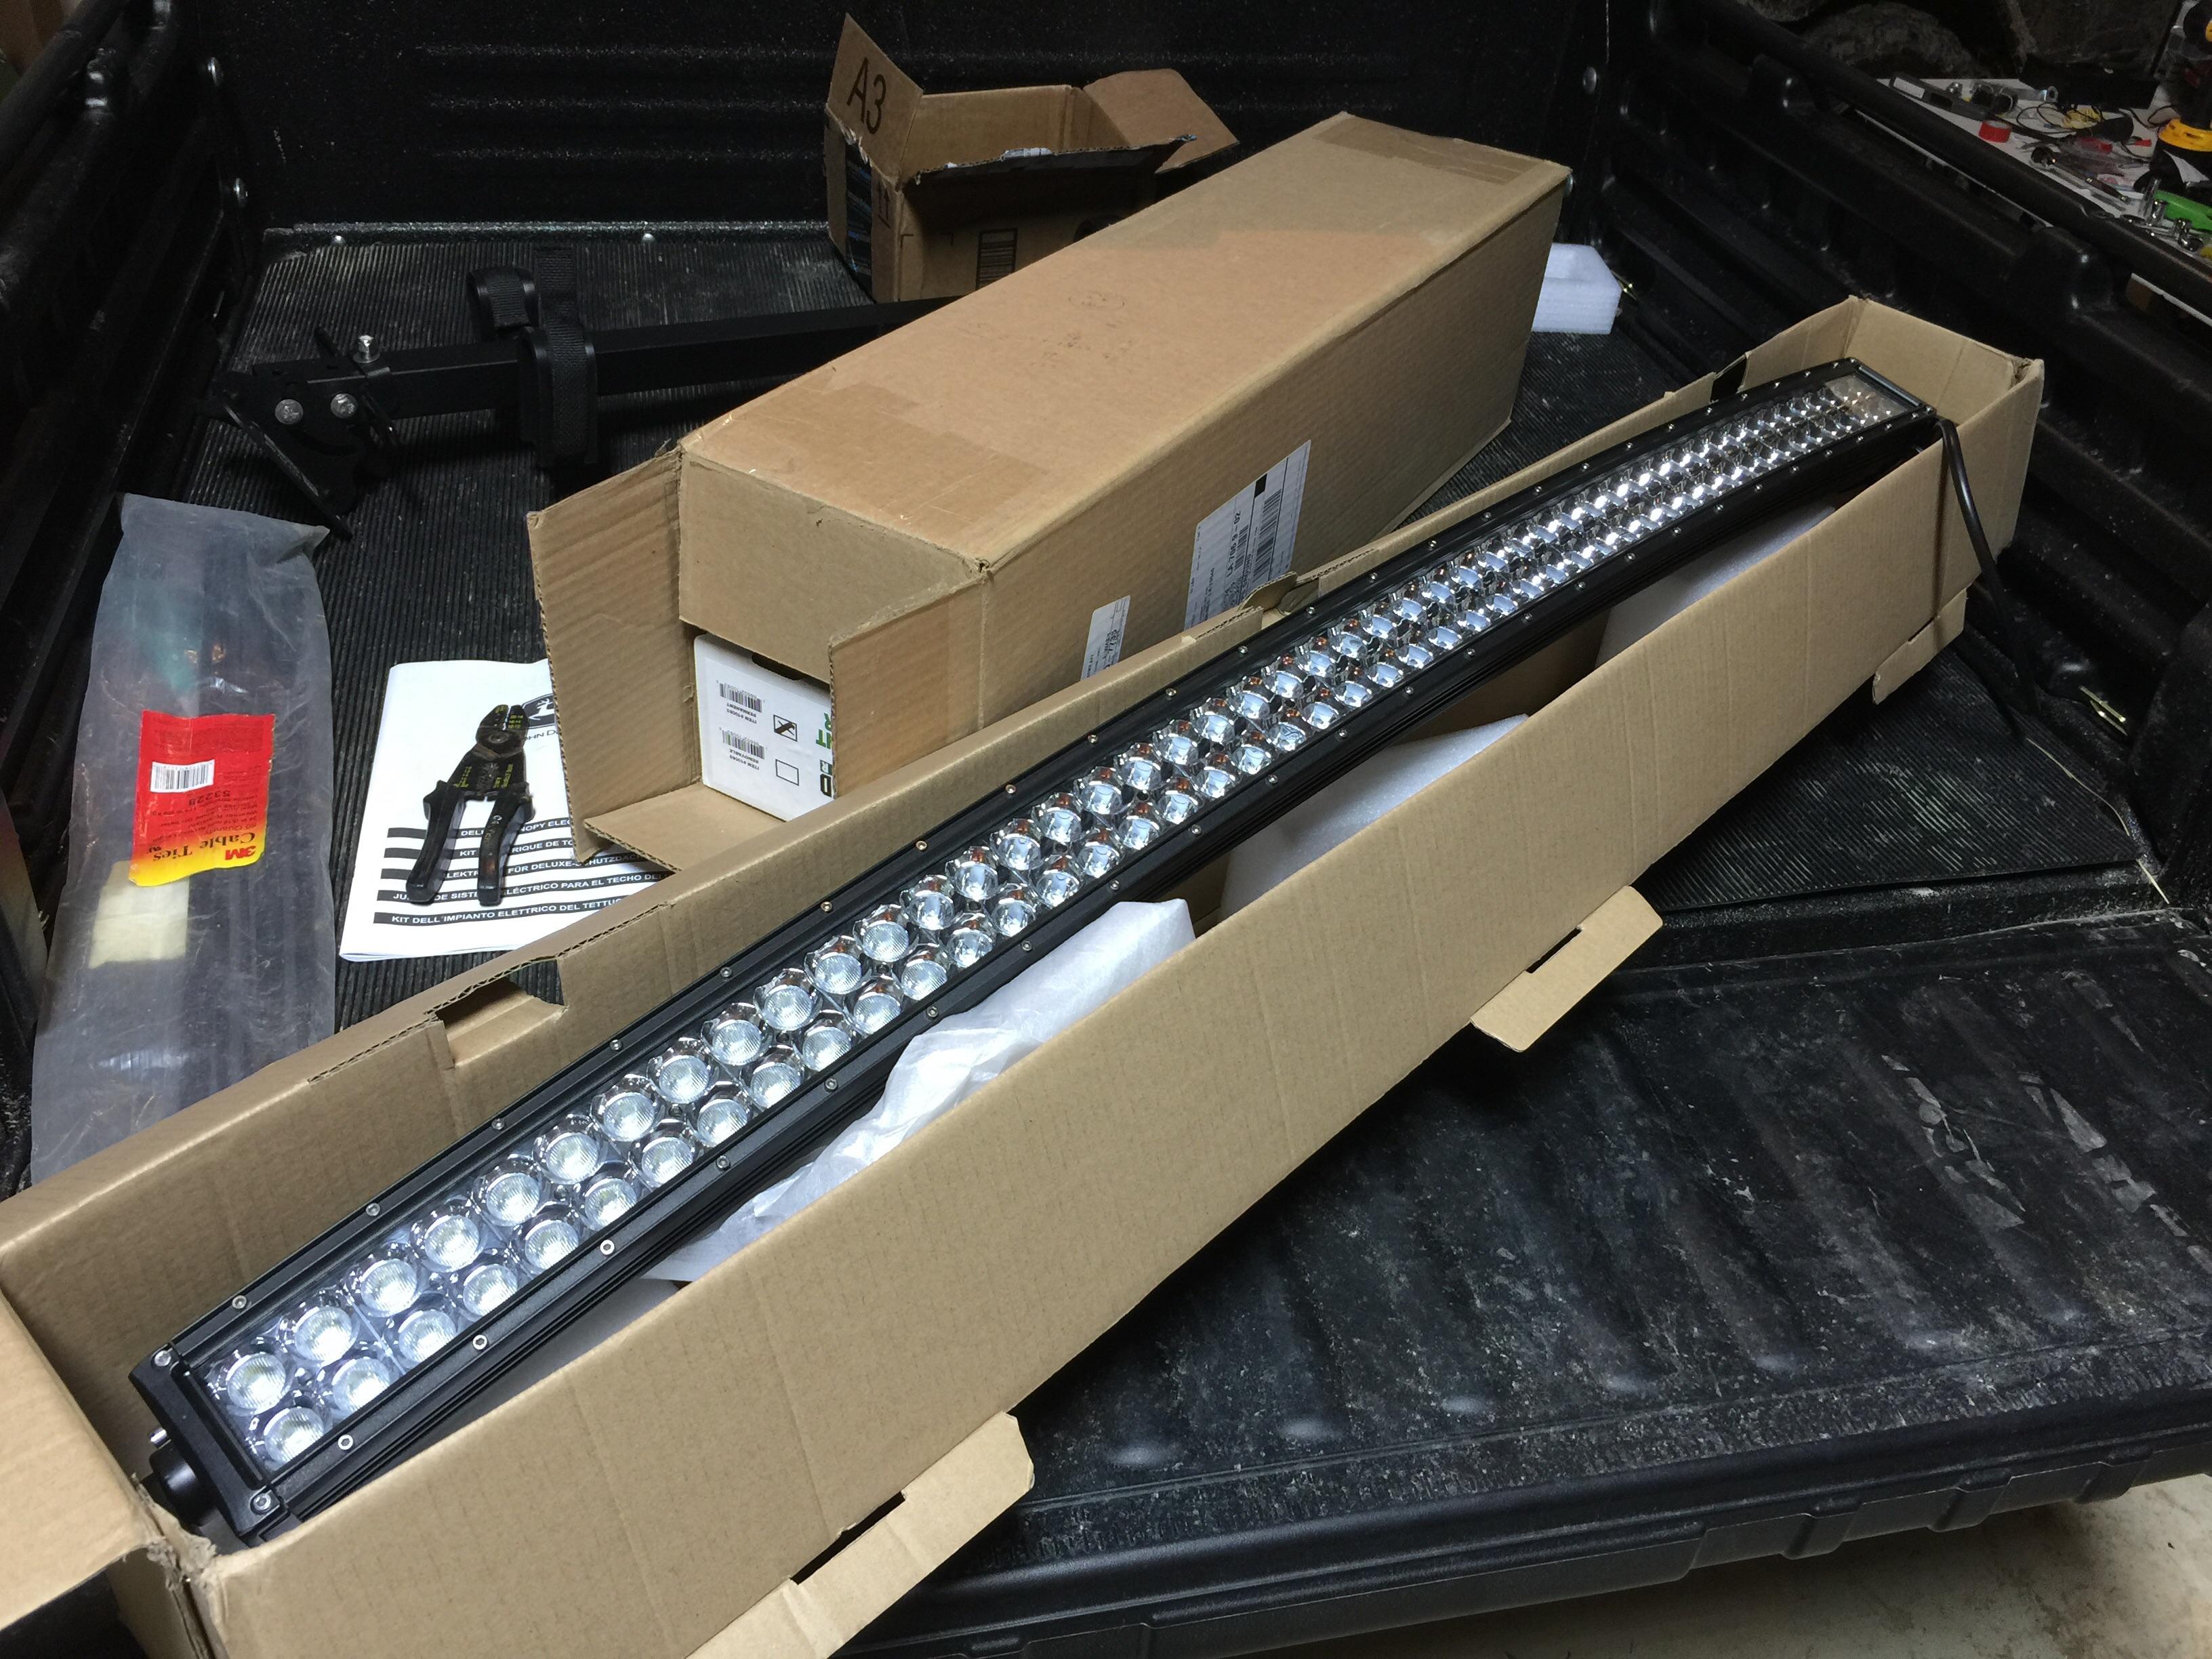 825i s4 front light bar john deere gator forums rh gatorforums net Off-Road Light  Wiring Harness MBRP Light Bar Wiring Diagram